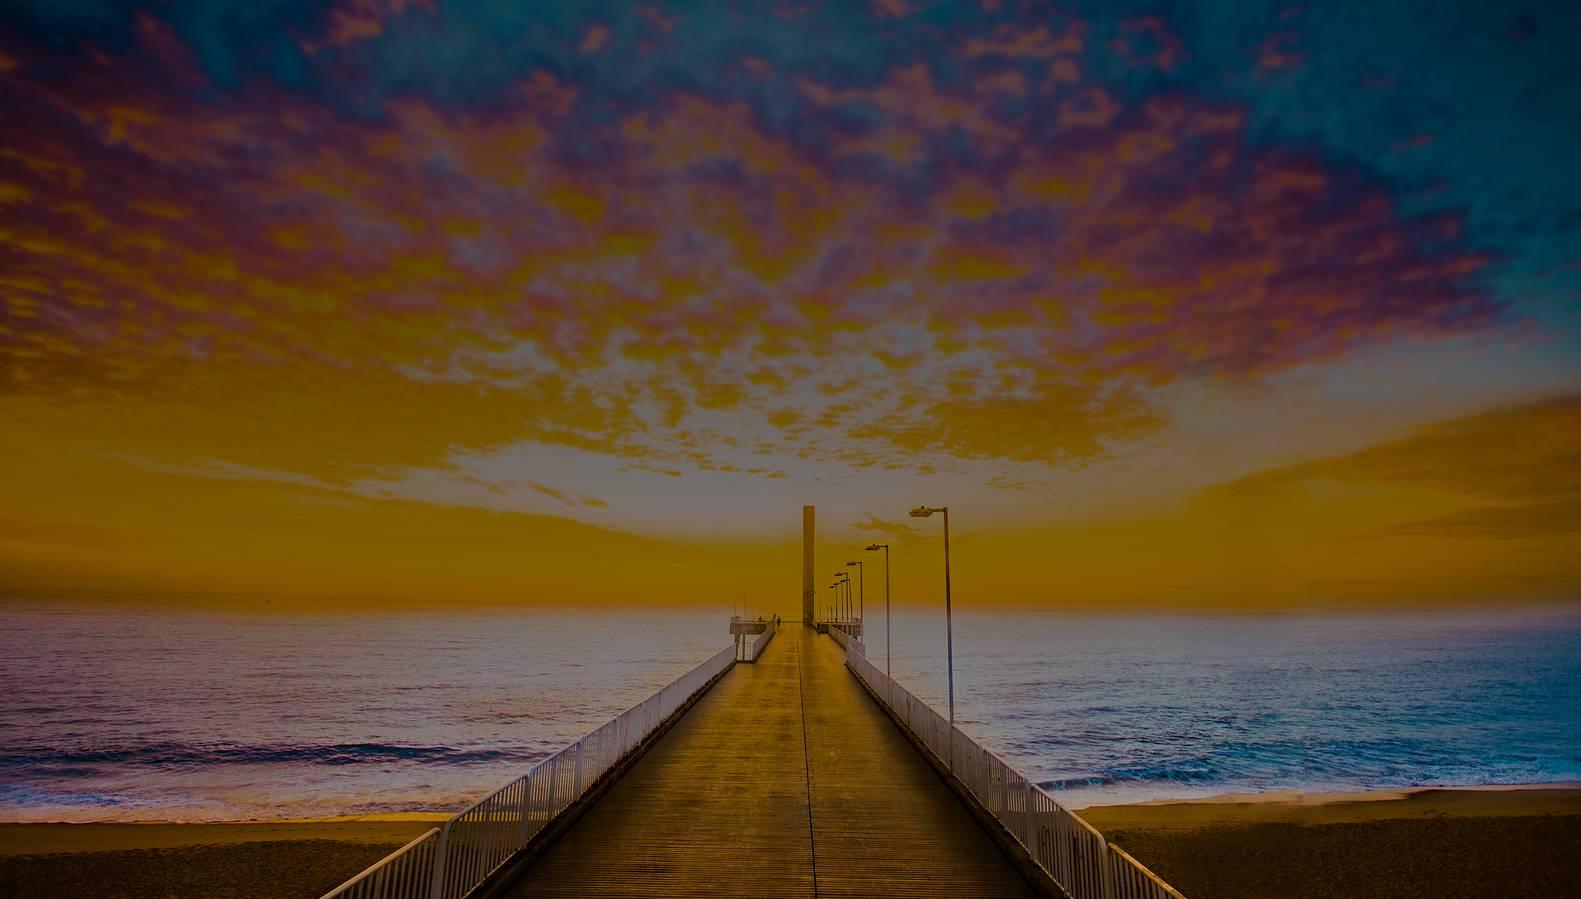 Foto do Emissário Submarino em Costazul minutos antes do nascer do sol